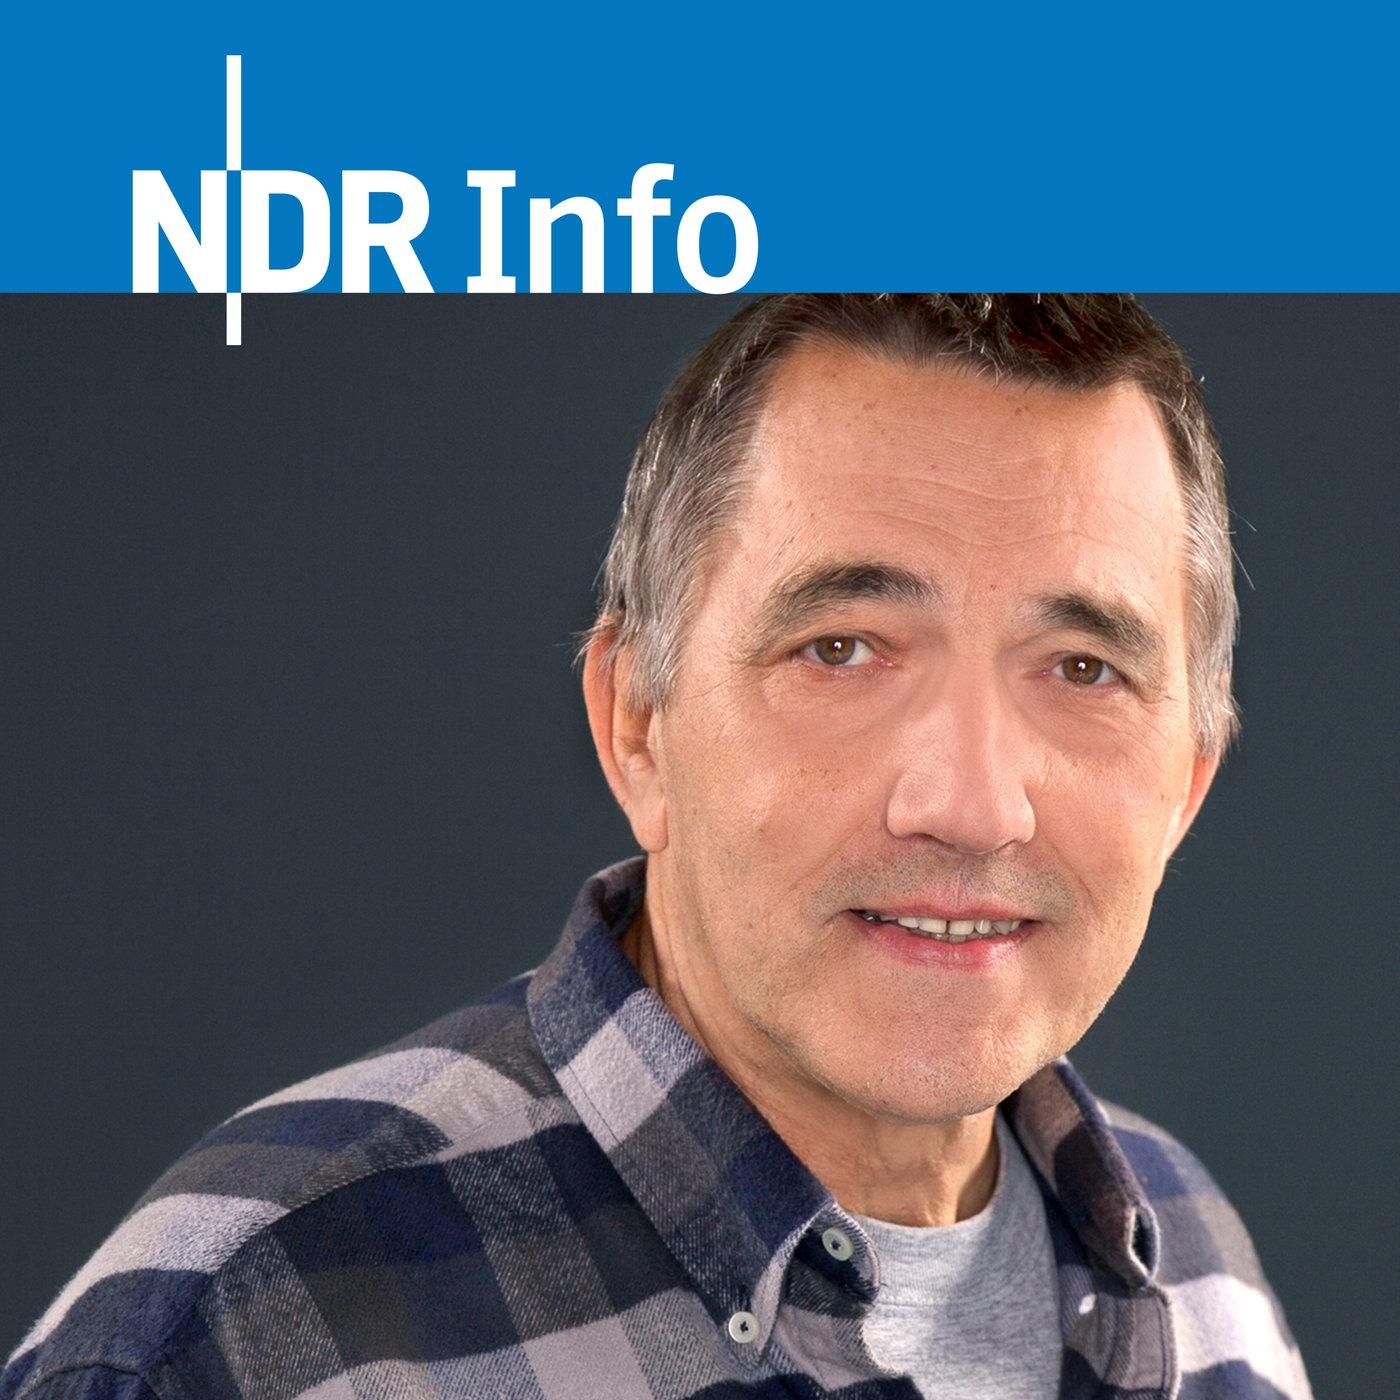 NDR Info - Der satirische Wochenrückblick